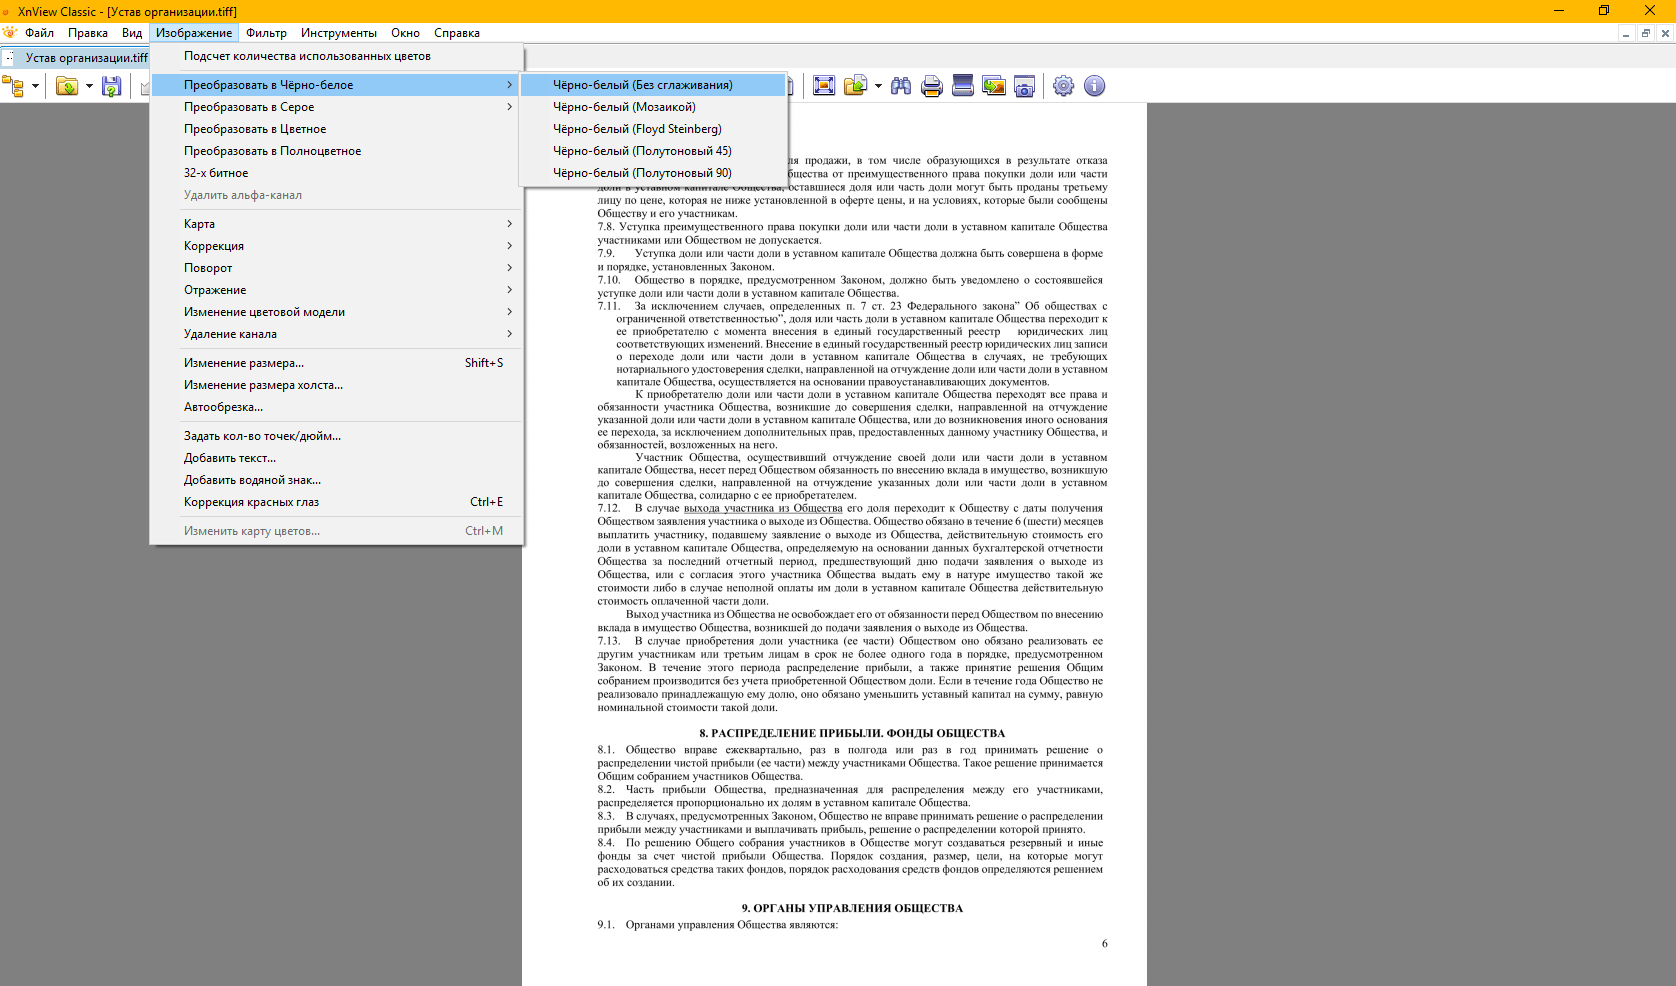 Изменение цветности в программе «Икс-эн-вью-классик»